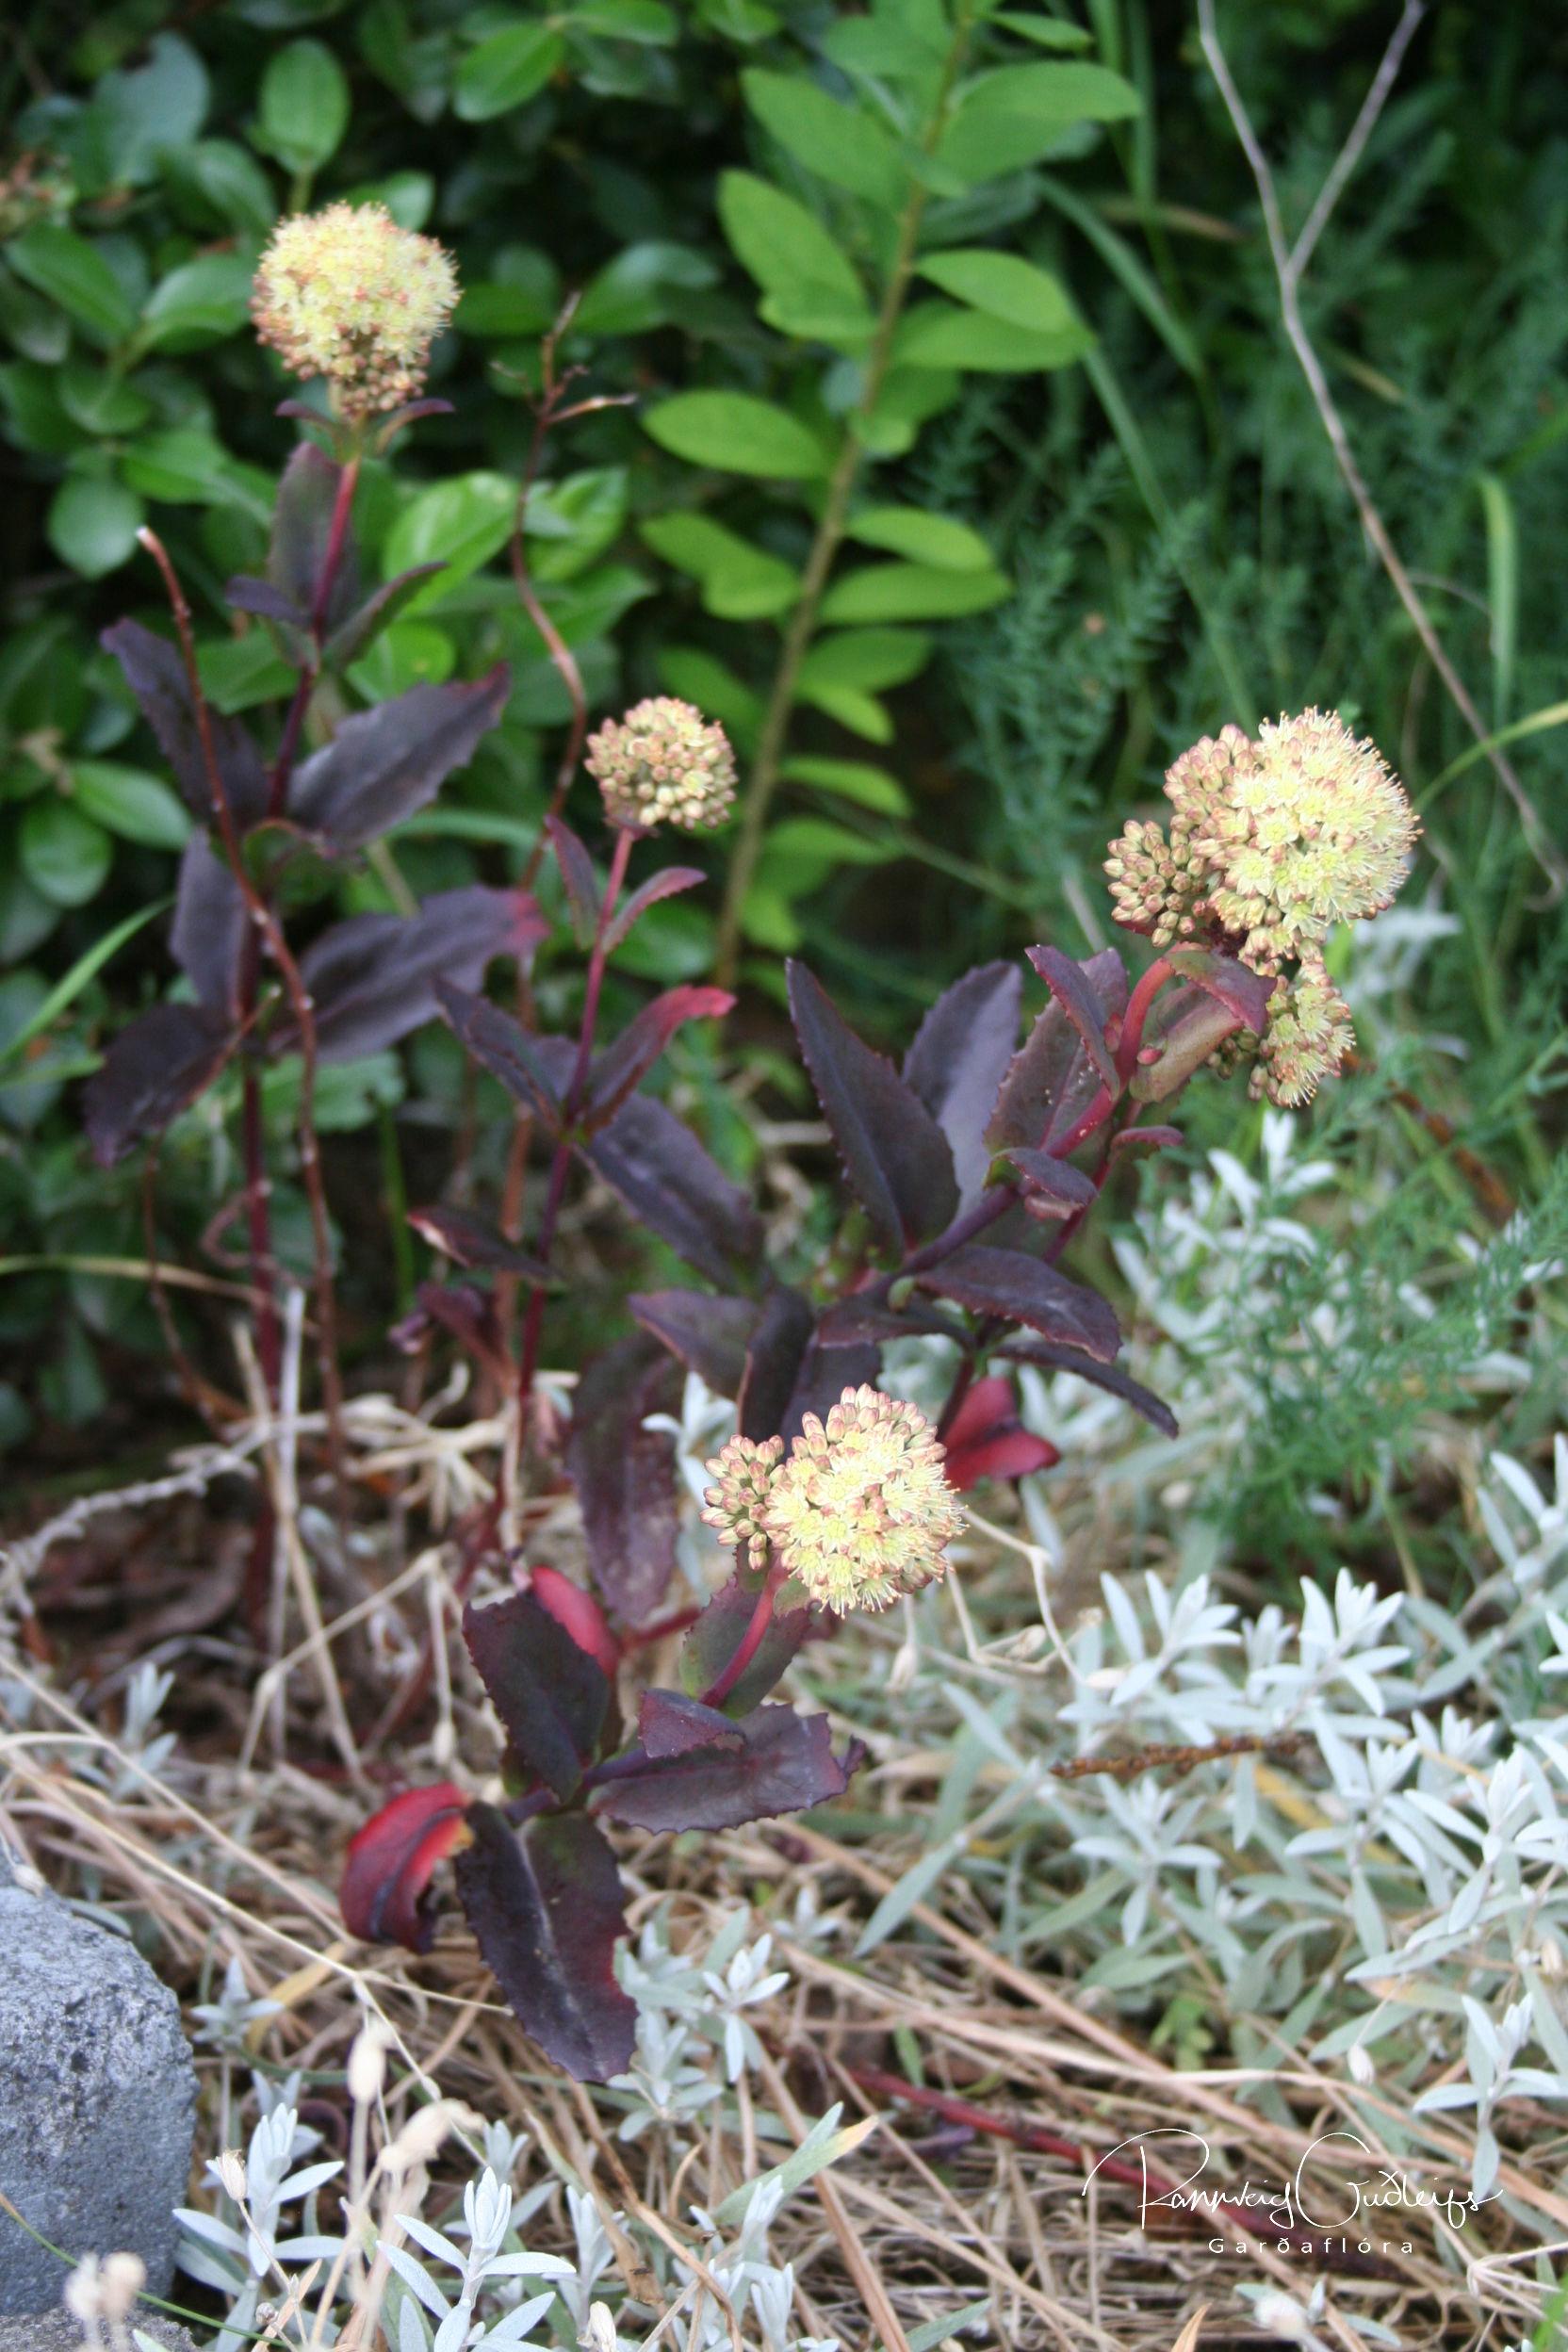 Sedum telephium ssp. ruprechtii